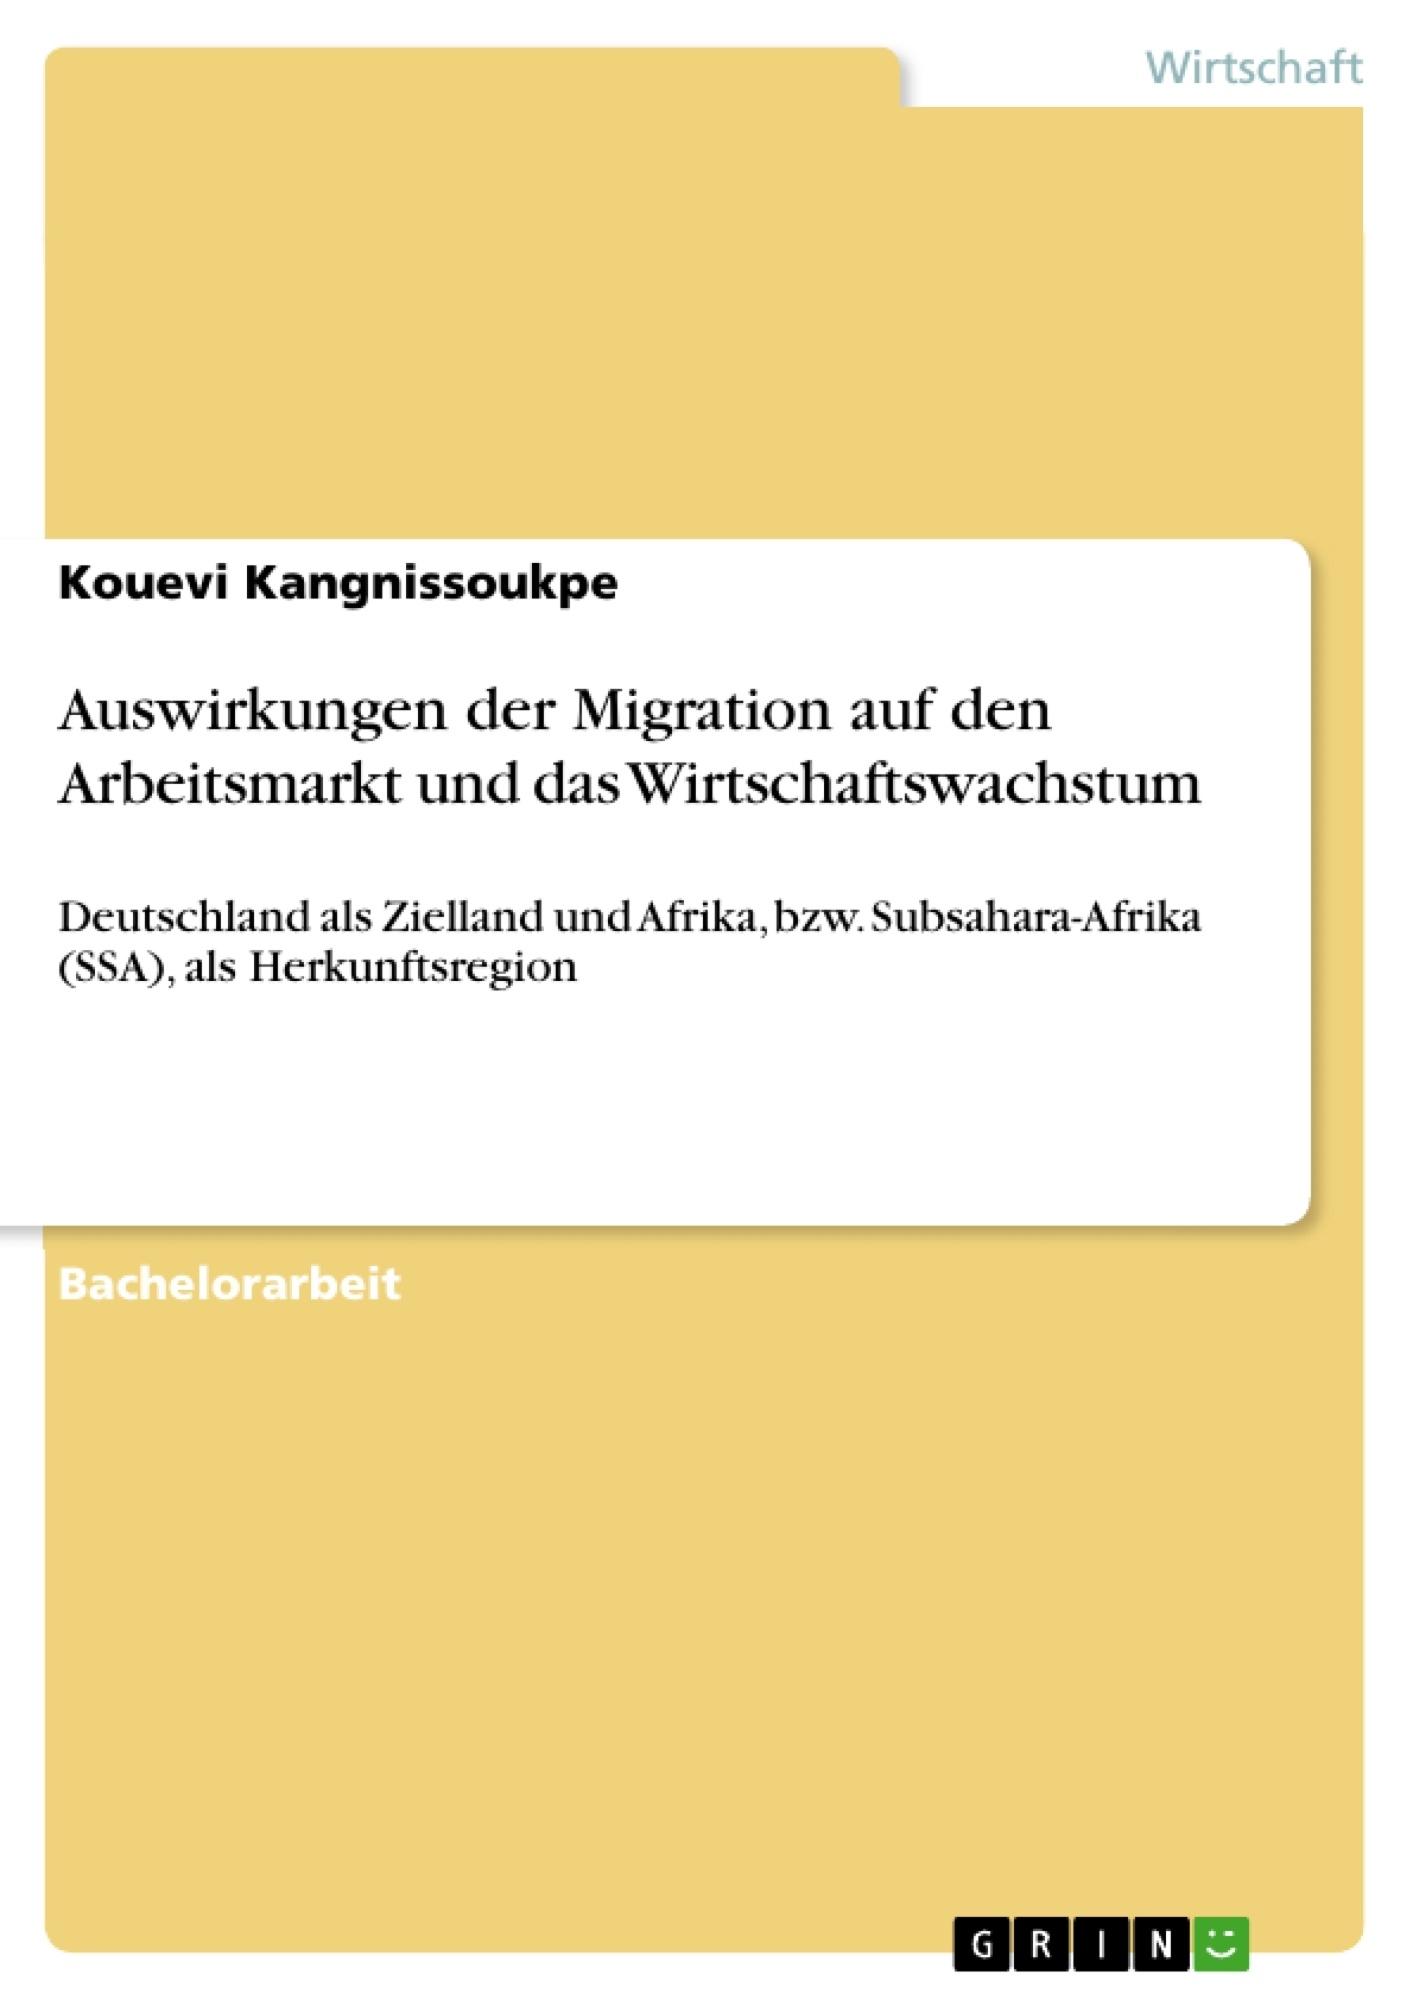 Titel: Auswirkungen der Migration auf den Arbeitsmarkt und das Wirtschaftswachstum